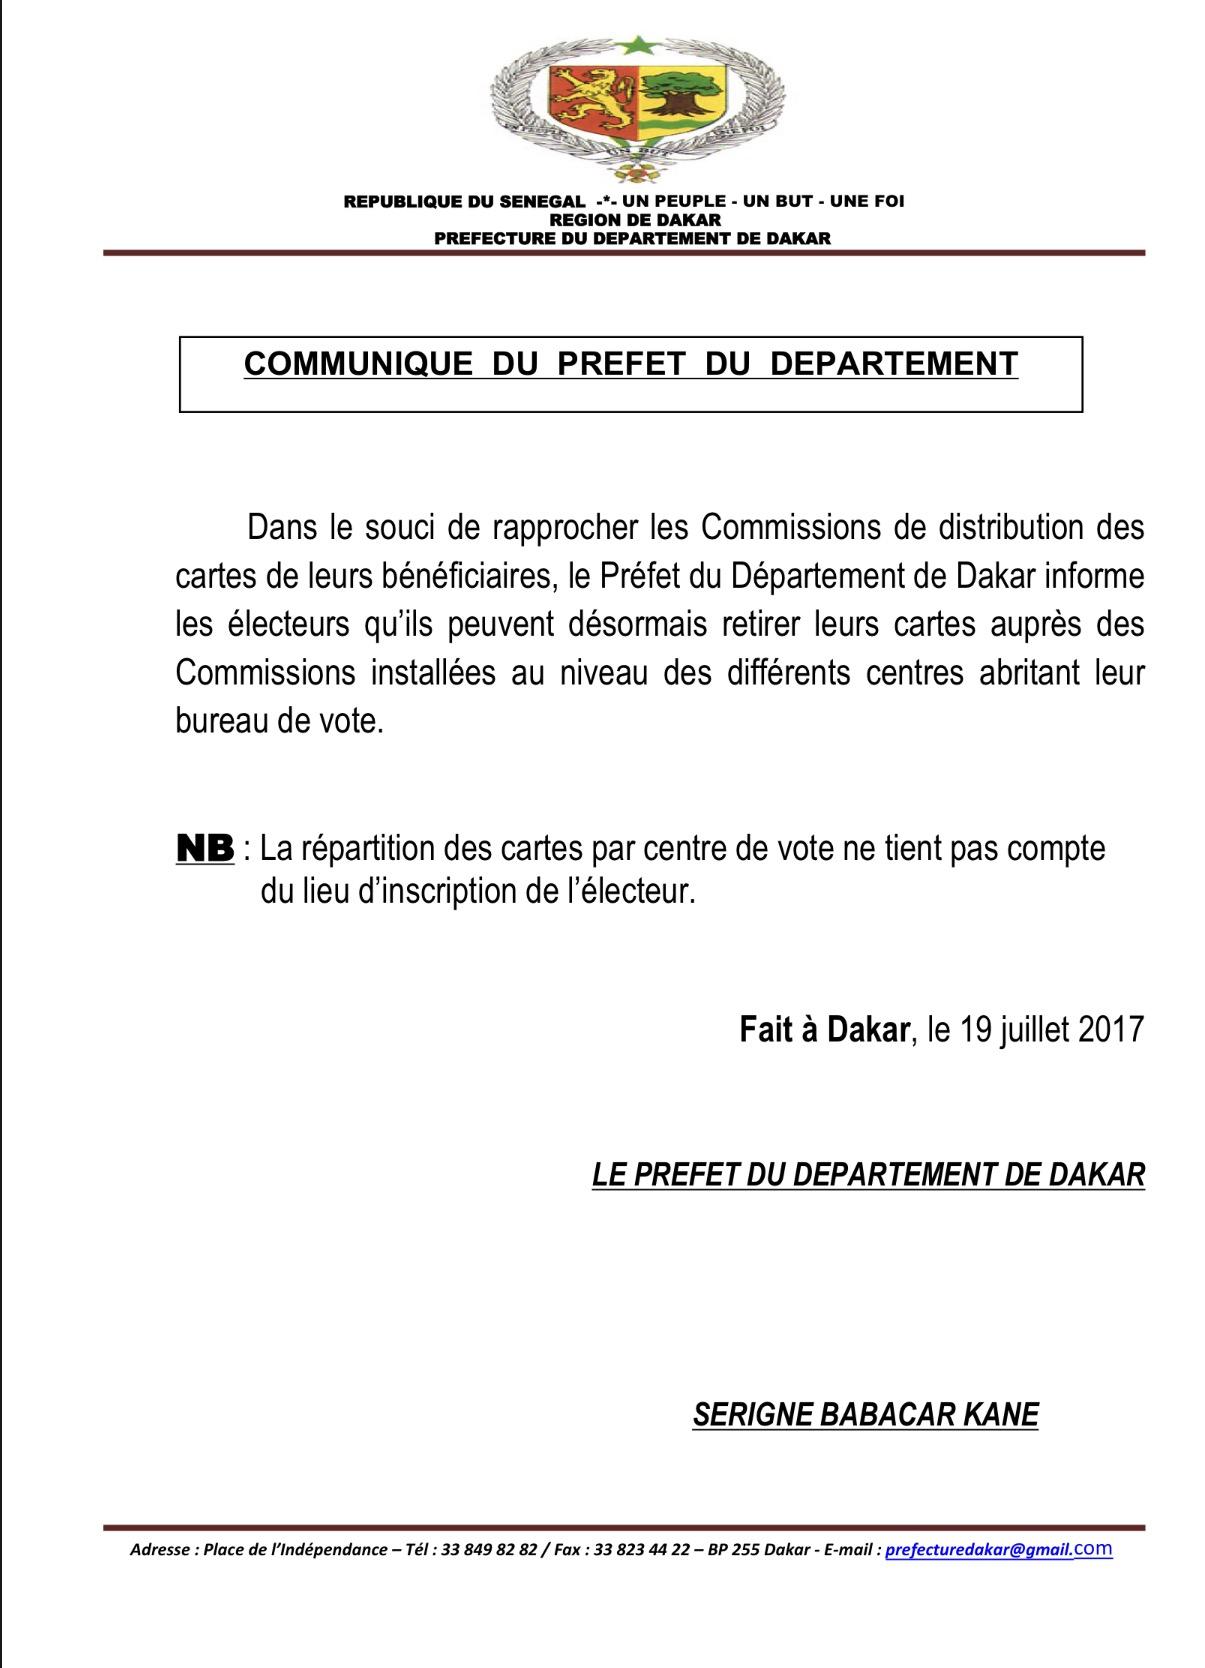 LÉGISLATIVES : Les électeurs peuvent désormais retirer leurs cartes dans les Commissions installées dans les centres de vote (DOCUMENT)